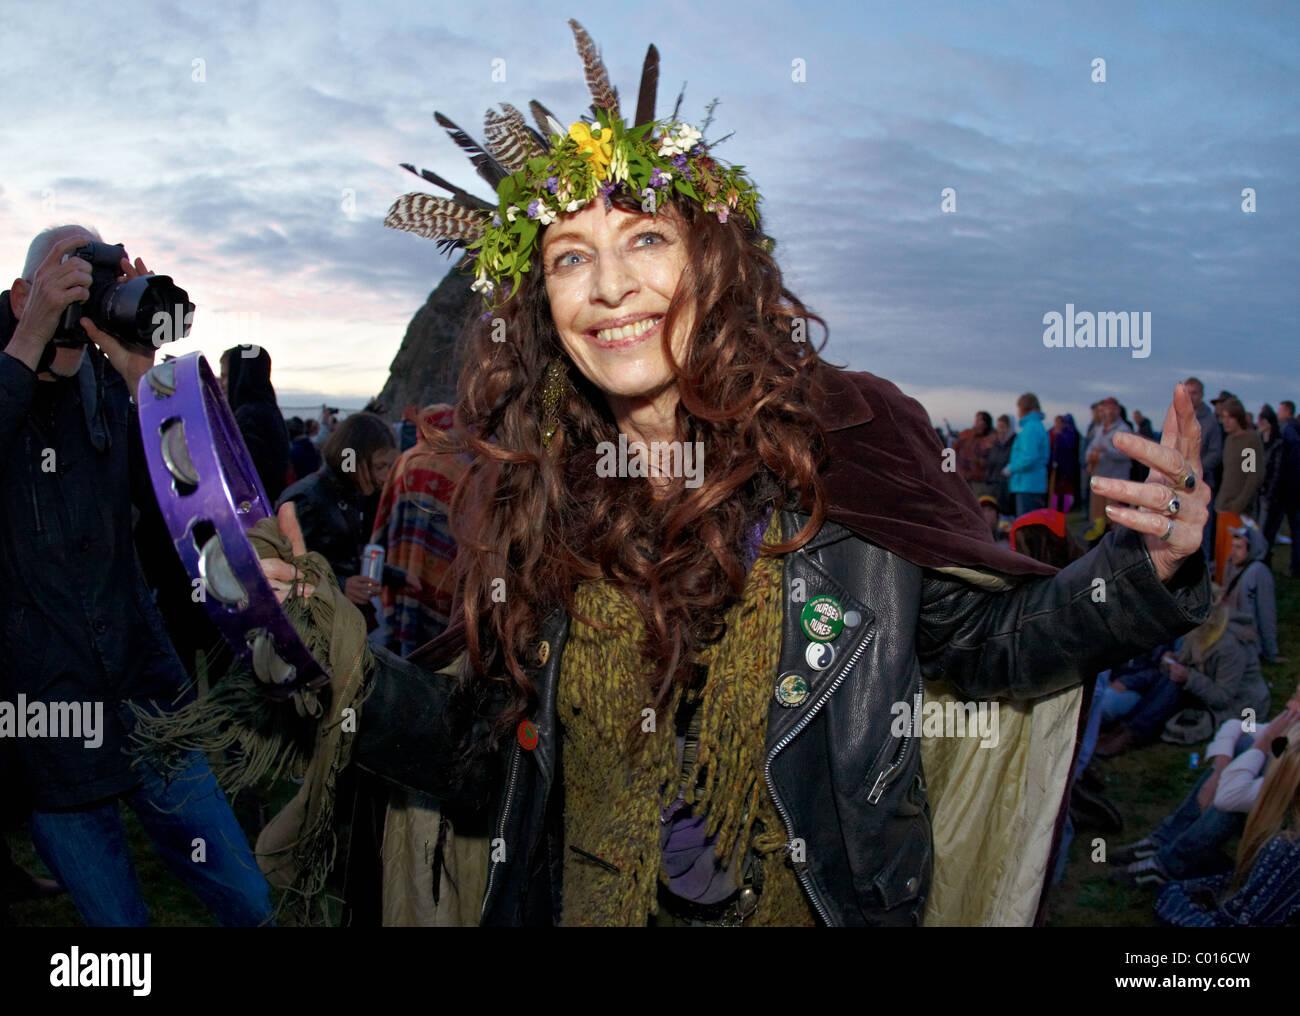 Female Druid Summer Solstice Stonehenge Wiltshire UK Europe - Stock Image